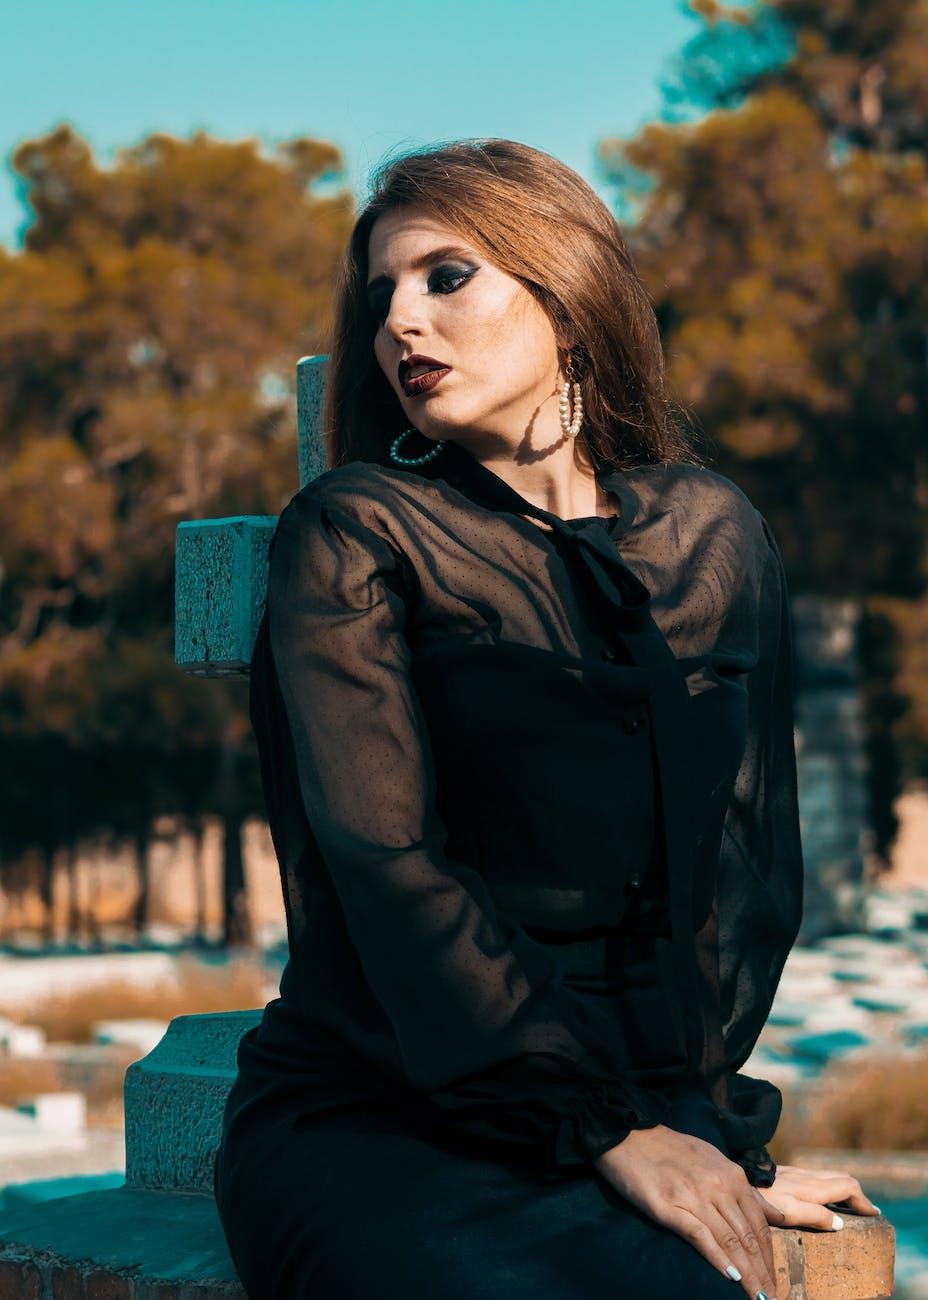 Une femme vêtue d'une robe noire.   Photo : Pexel